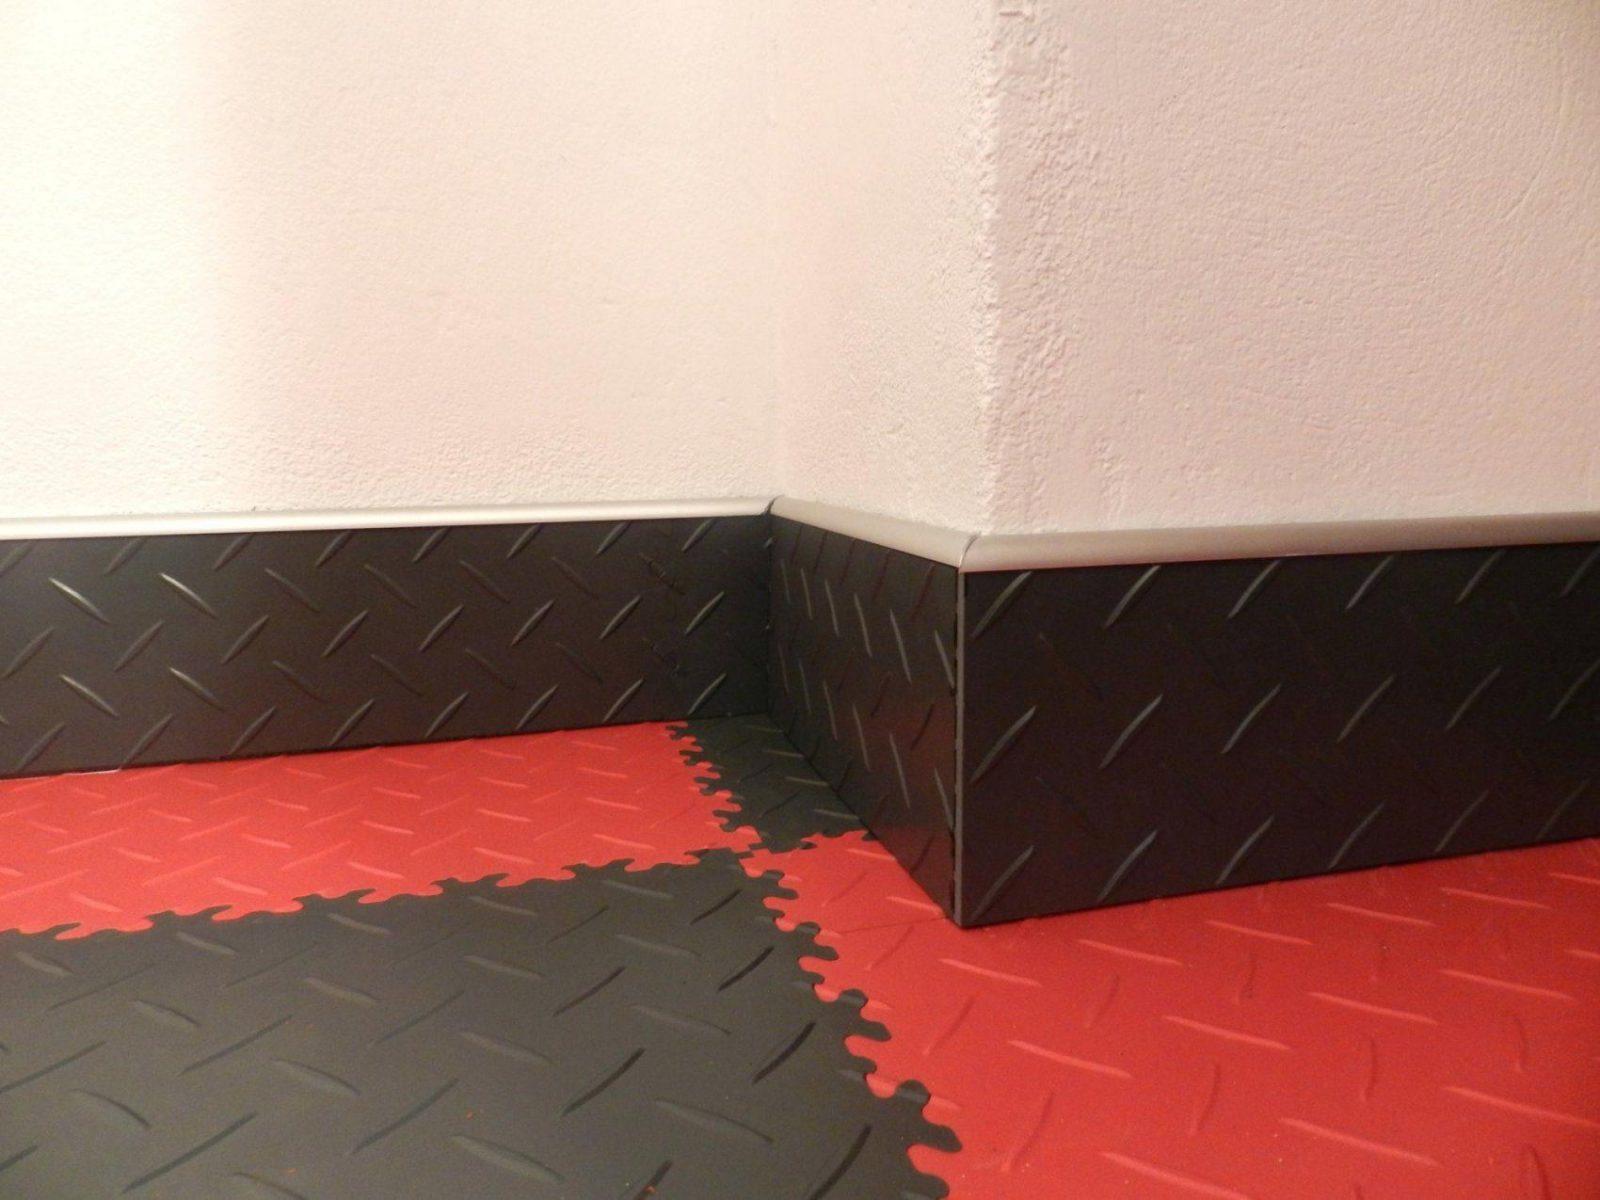 Fliesen Pvc Fortelock Wand Kuche Verlegen Selbstklebend Auf Boden von Selbstklebende Pvc Fliesen Für Die Wand Bild